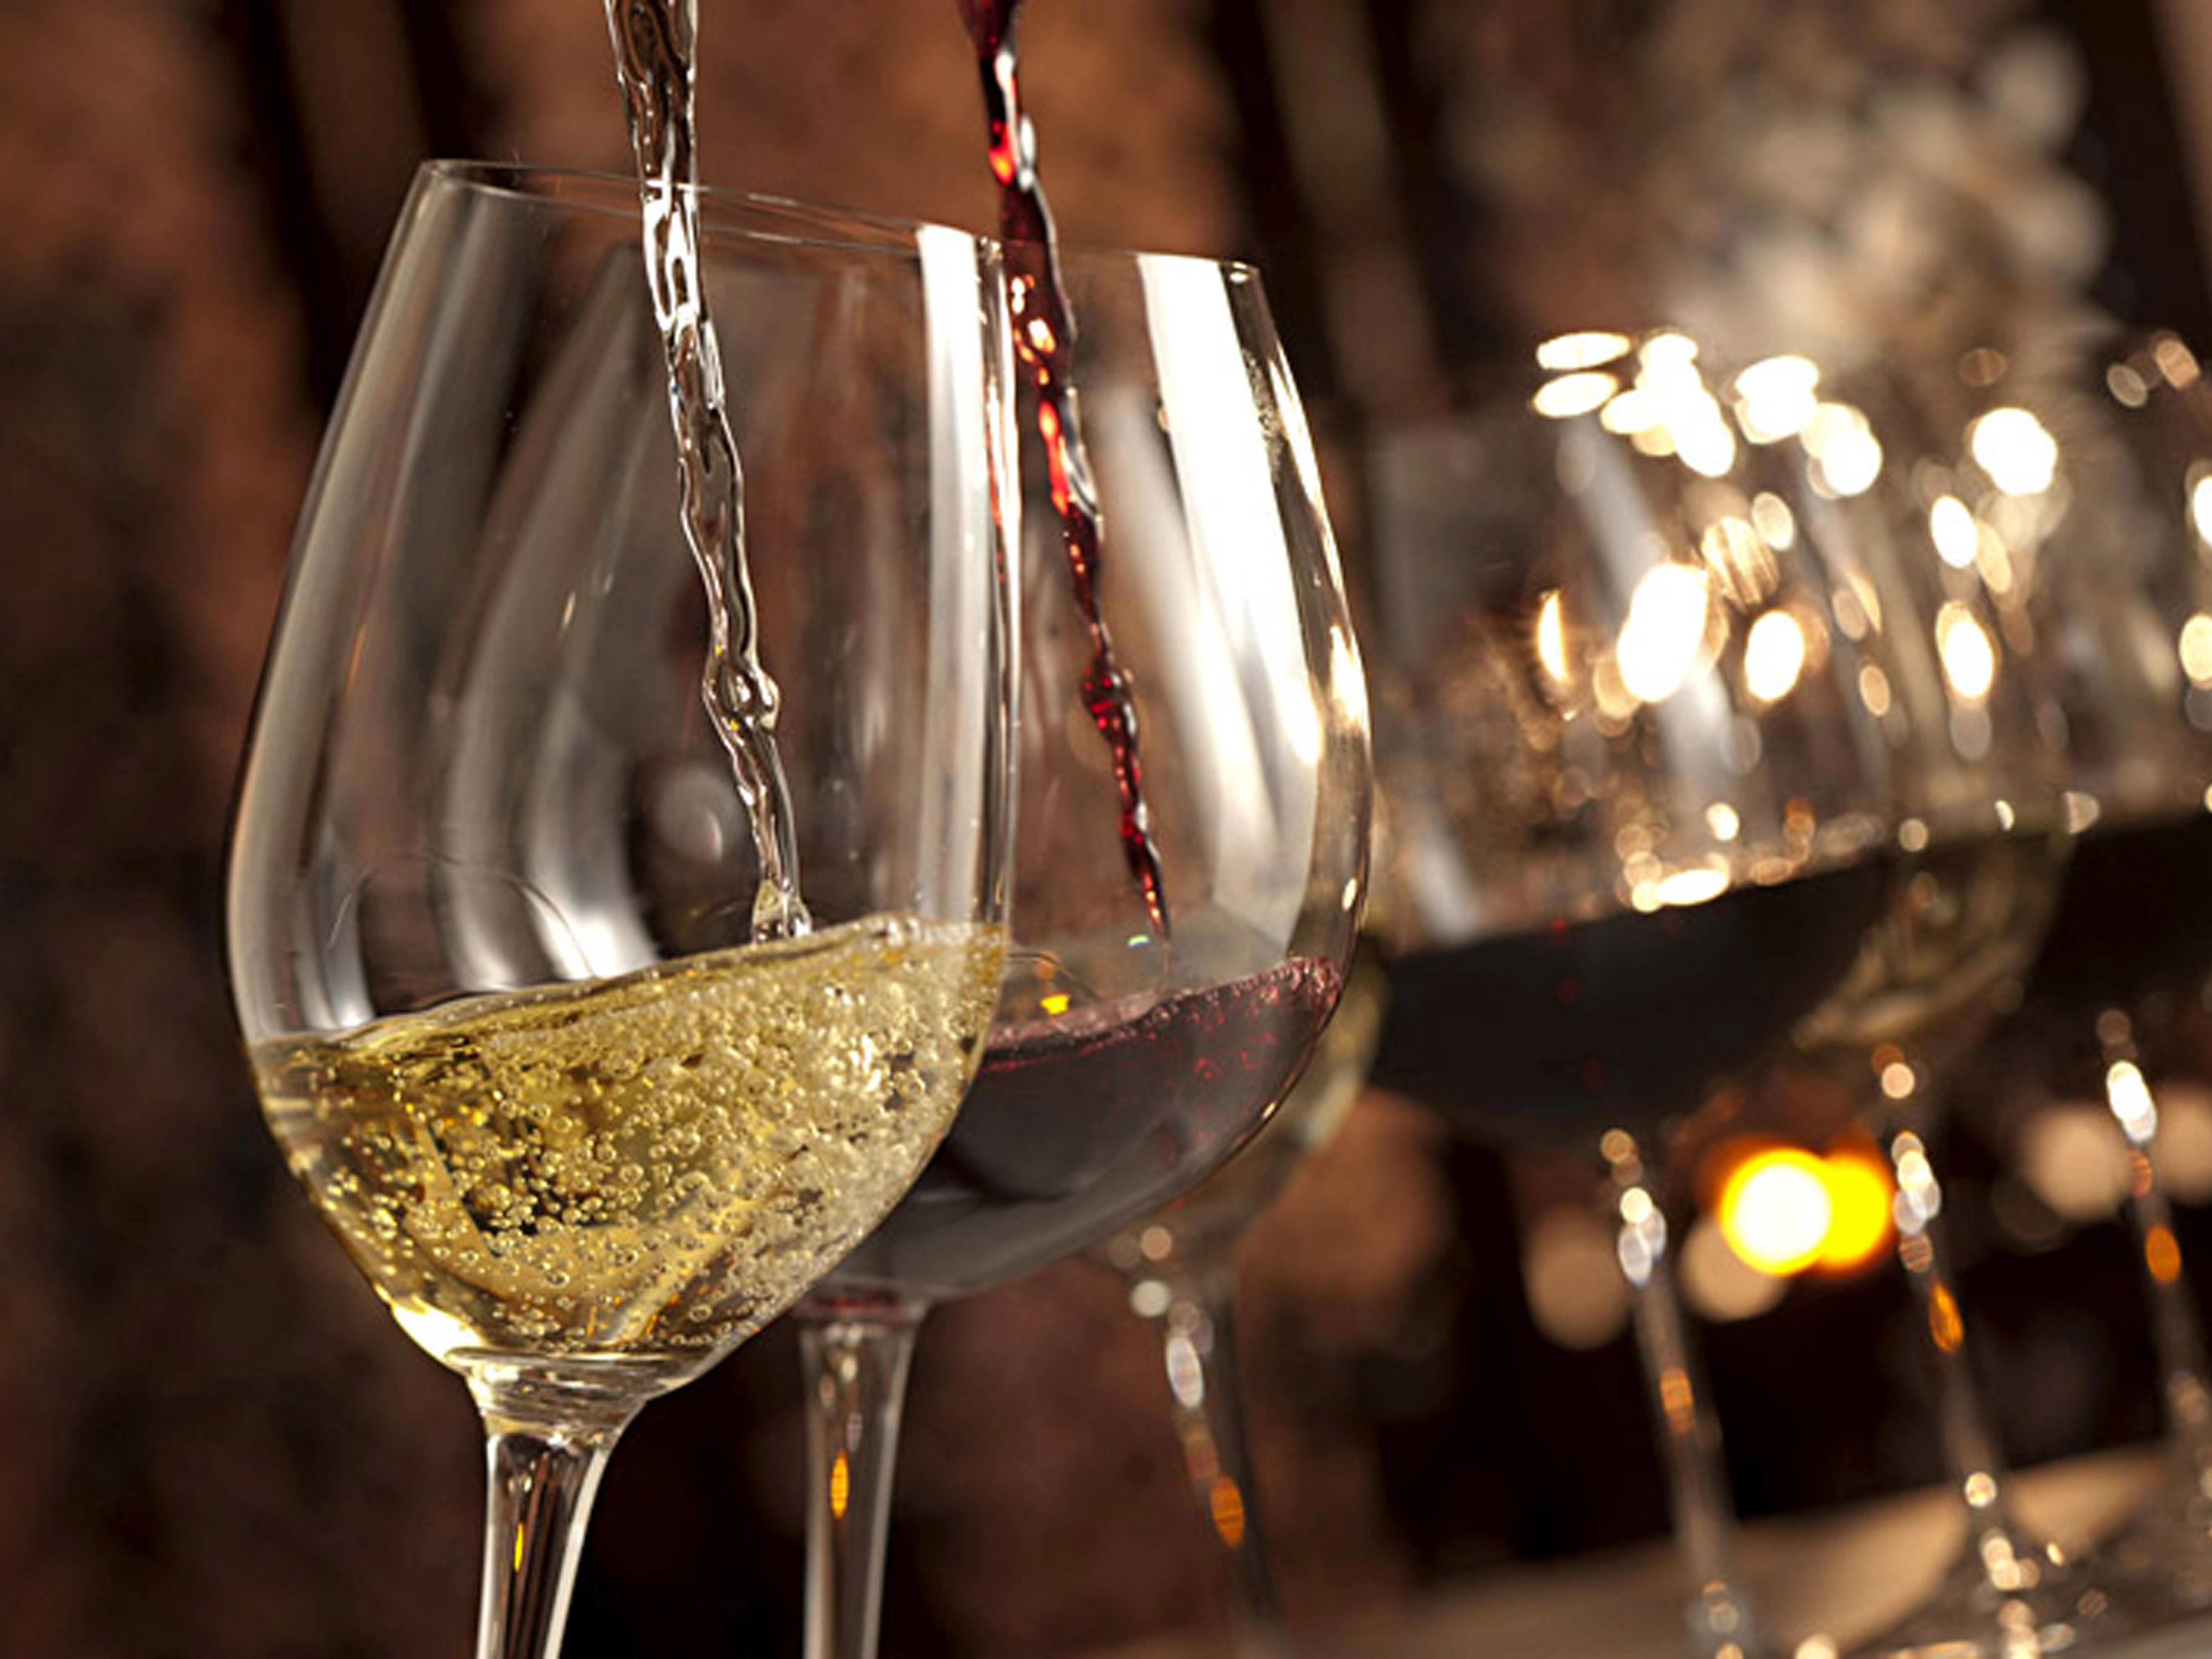 丈量巴黎—巴黎葡萄酒博物馆(musée du vin de paris)